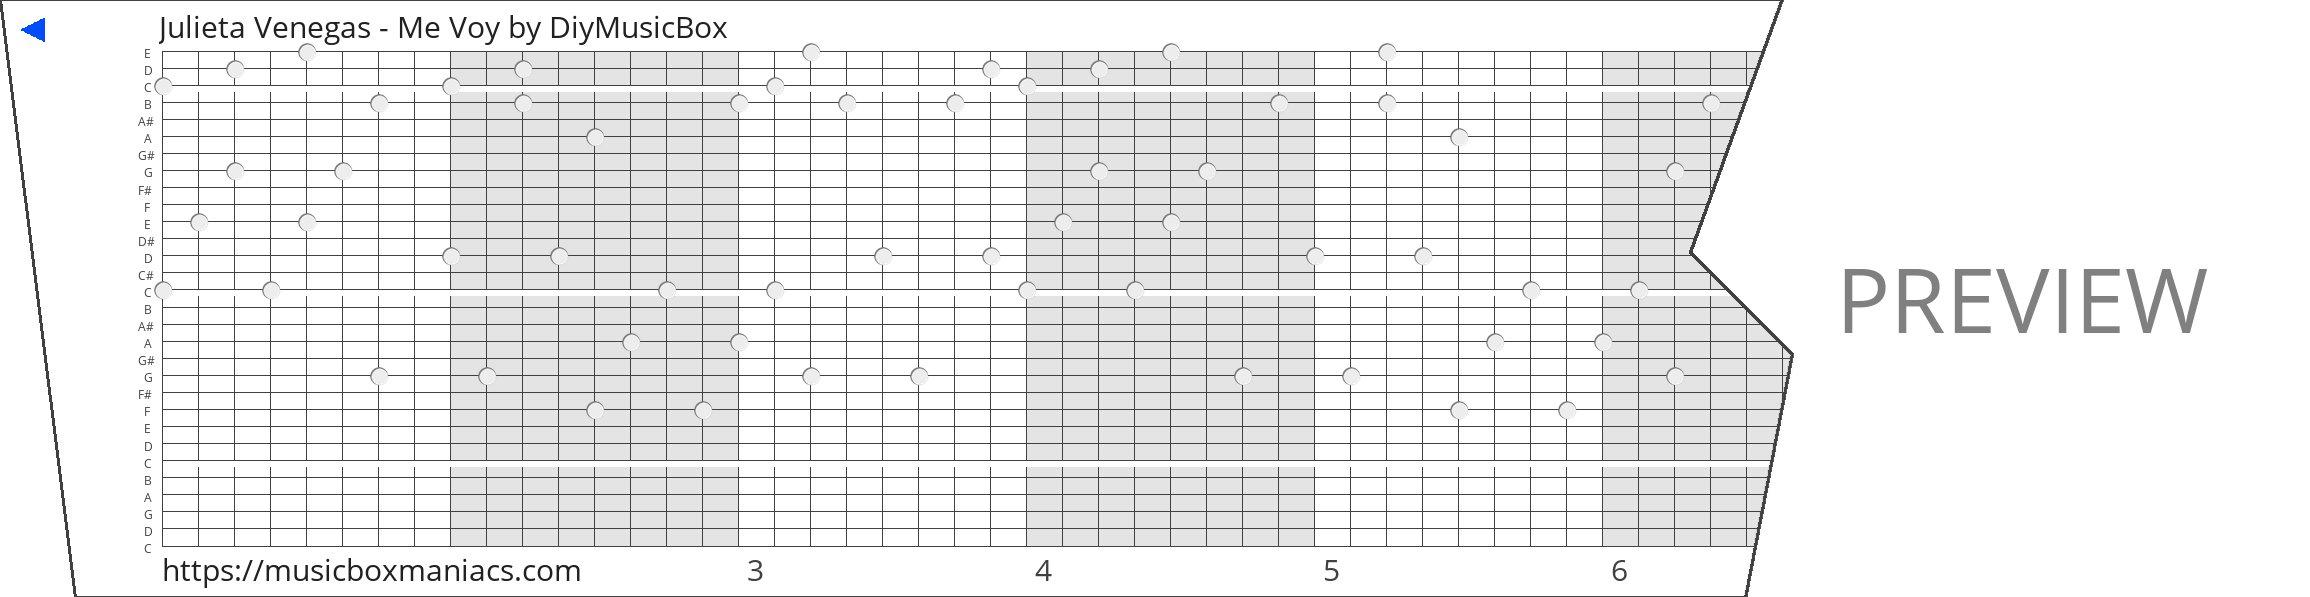 Julieta Venegas - Me Voy 30 note music box paper strip